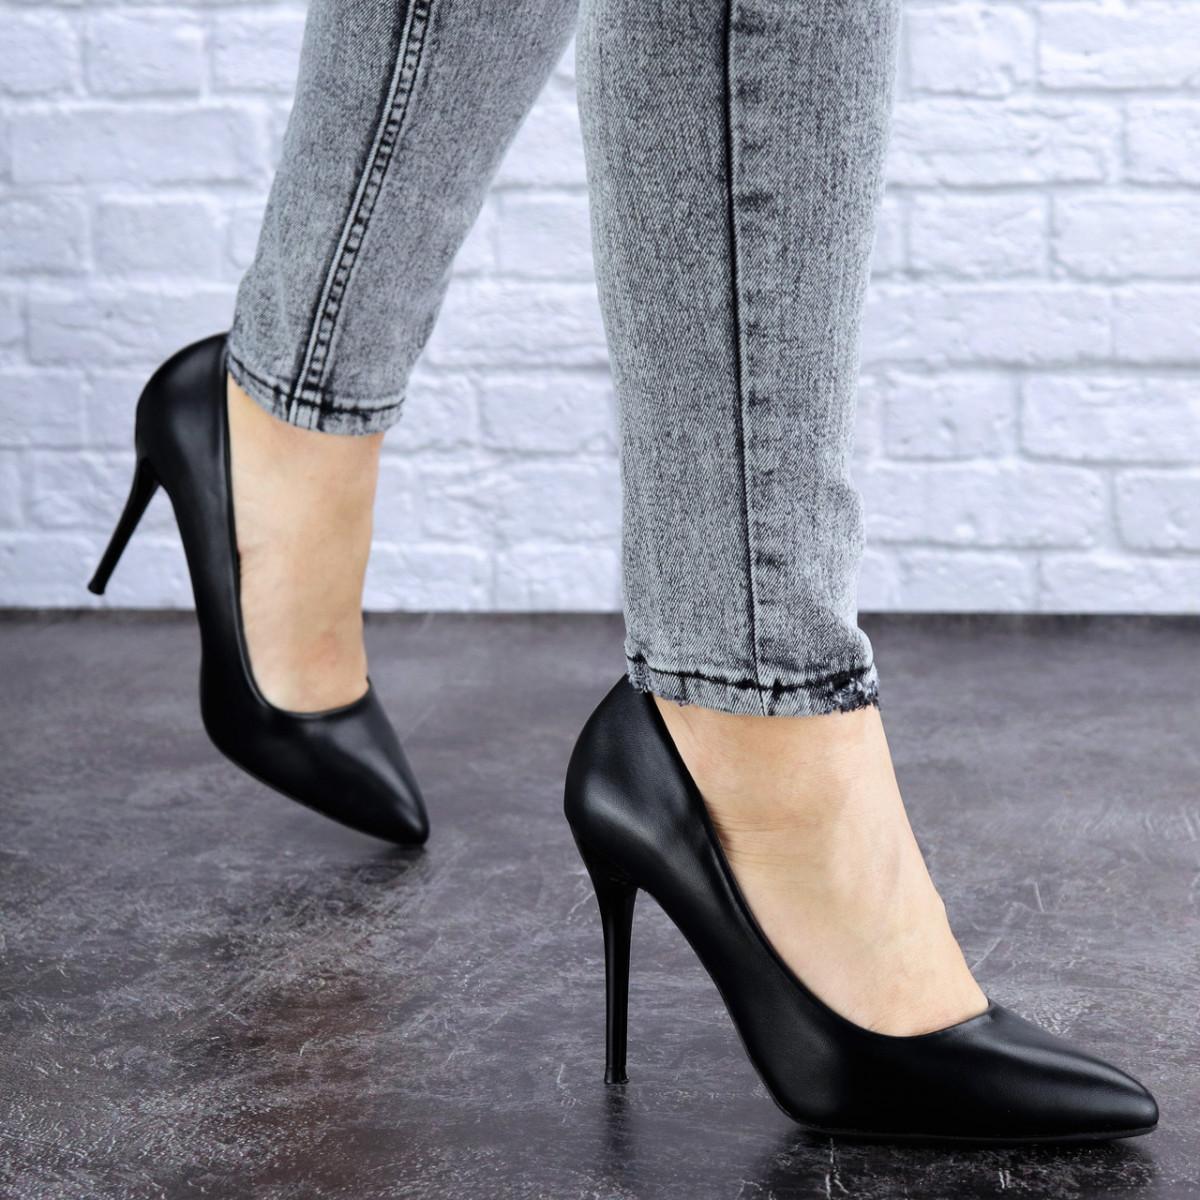 Туфли женские лодочки на шпильке черные Margo 1721 (37 размер)